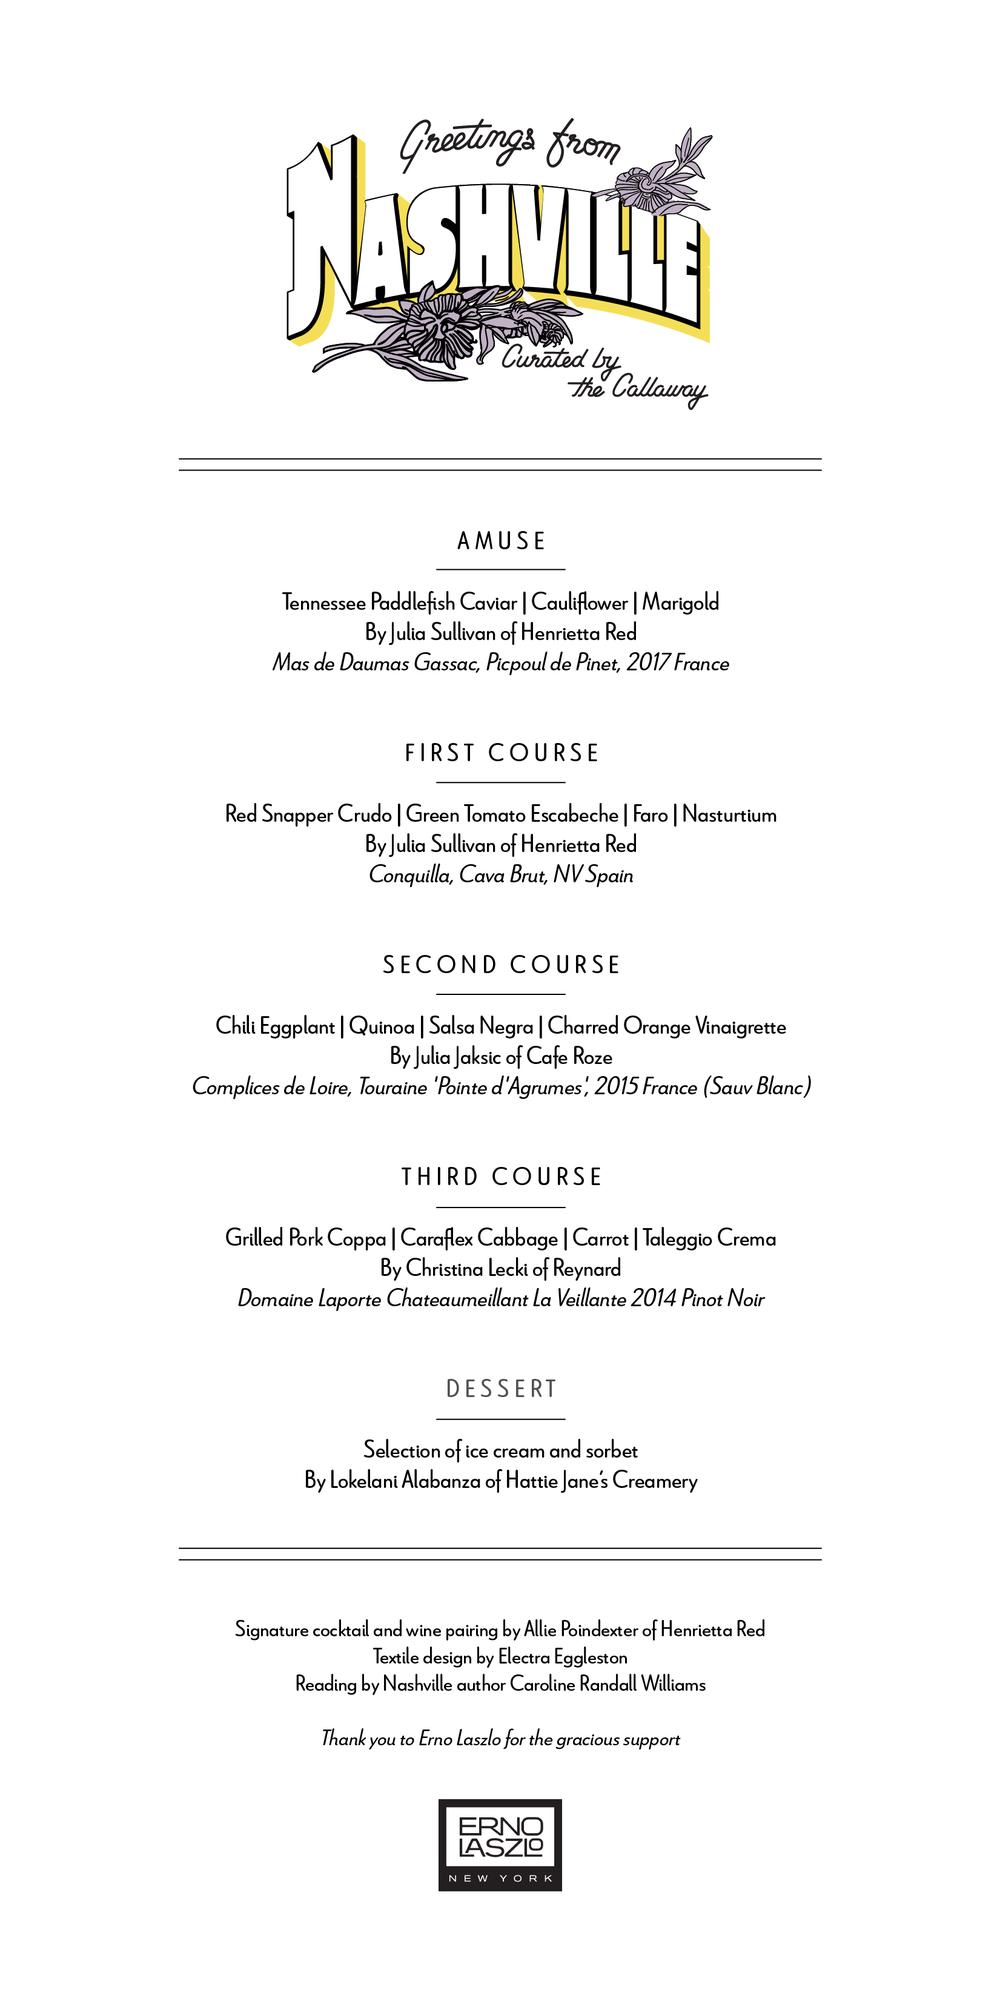 cb menu.png